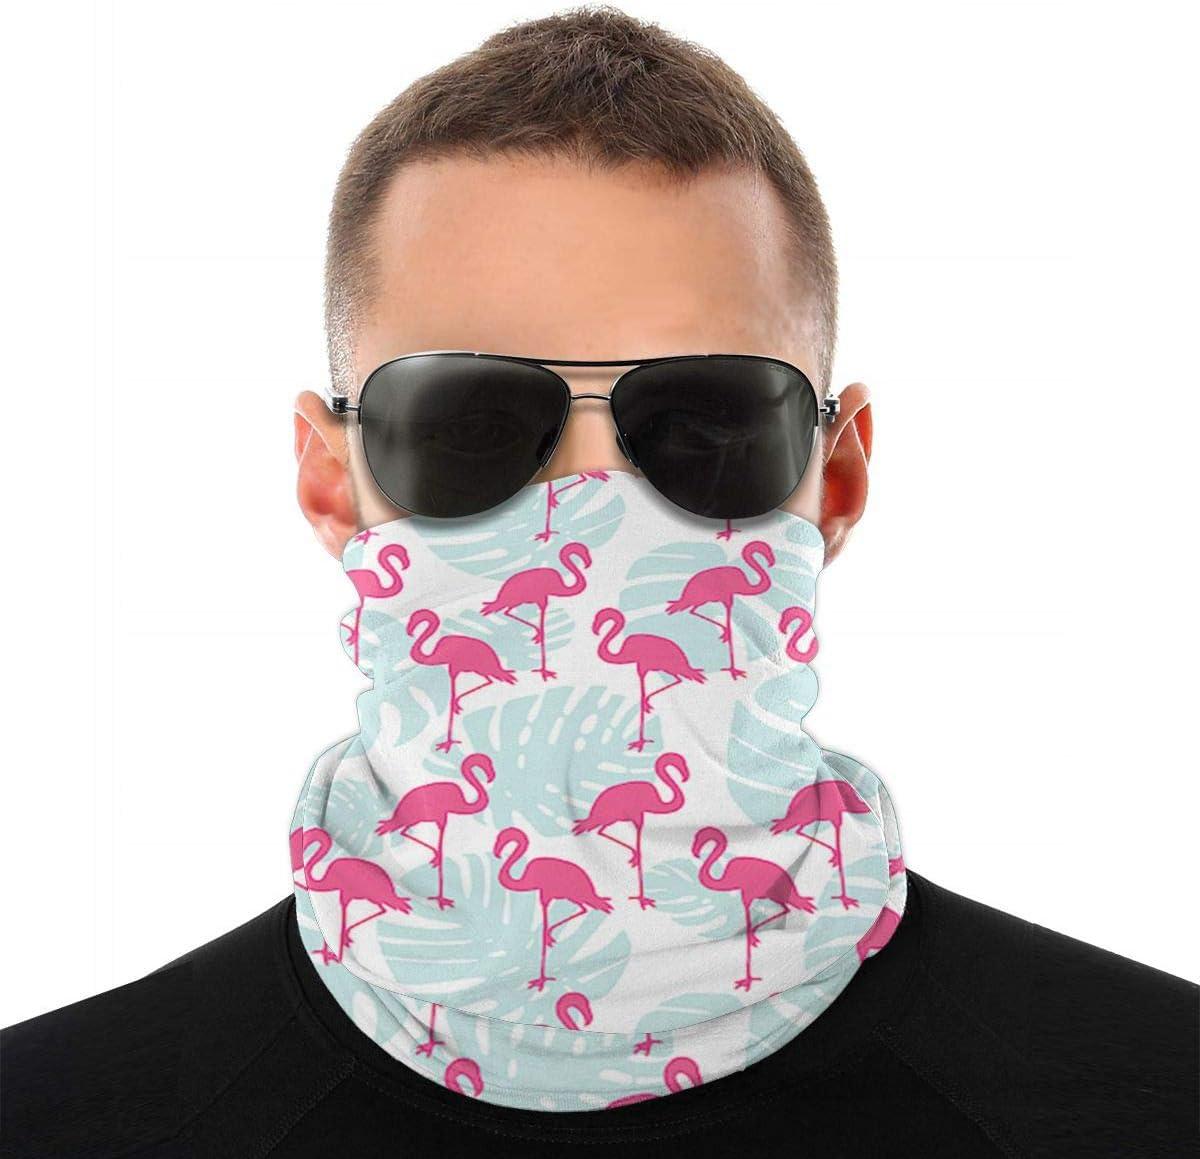 Ohrenw/ärmer Stirnband f/ür Sommersport im Freien Alysai Tropisch mit Flamingos und mintgr/ünen Palmbl/ättern Winddichte Skimaske Staub